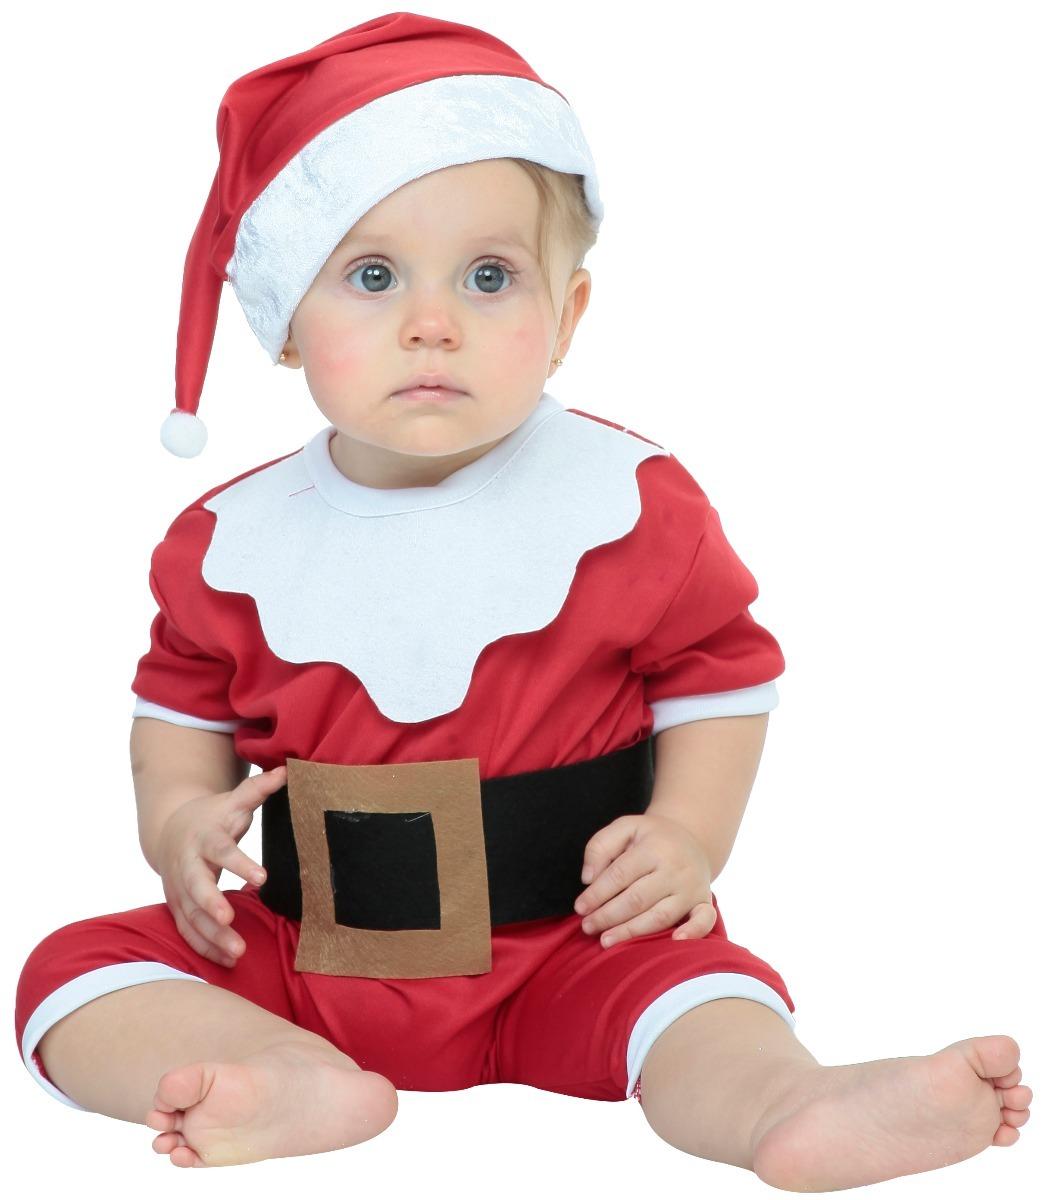 Disfraz De Santa Claus Para Bebedisfraces Navidad Papa Noel - Disfraces-papa-noel-bebe